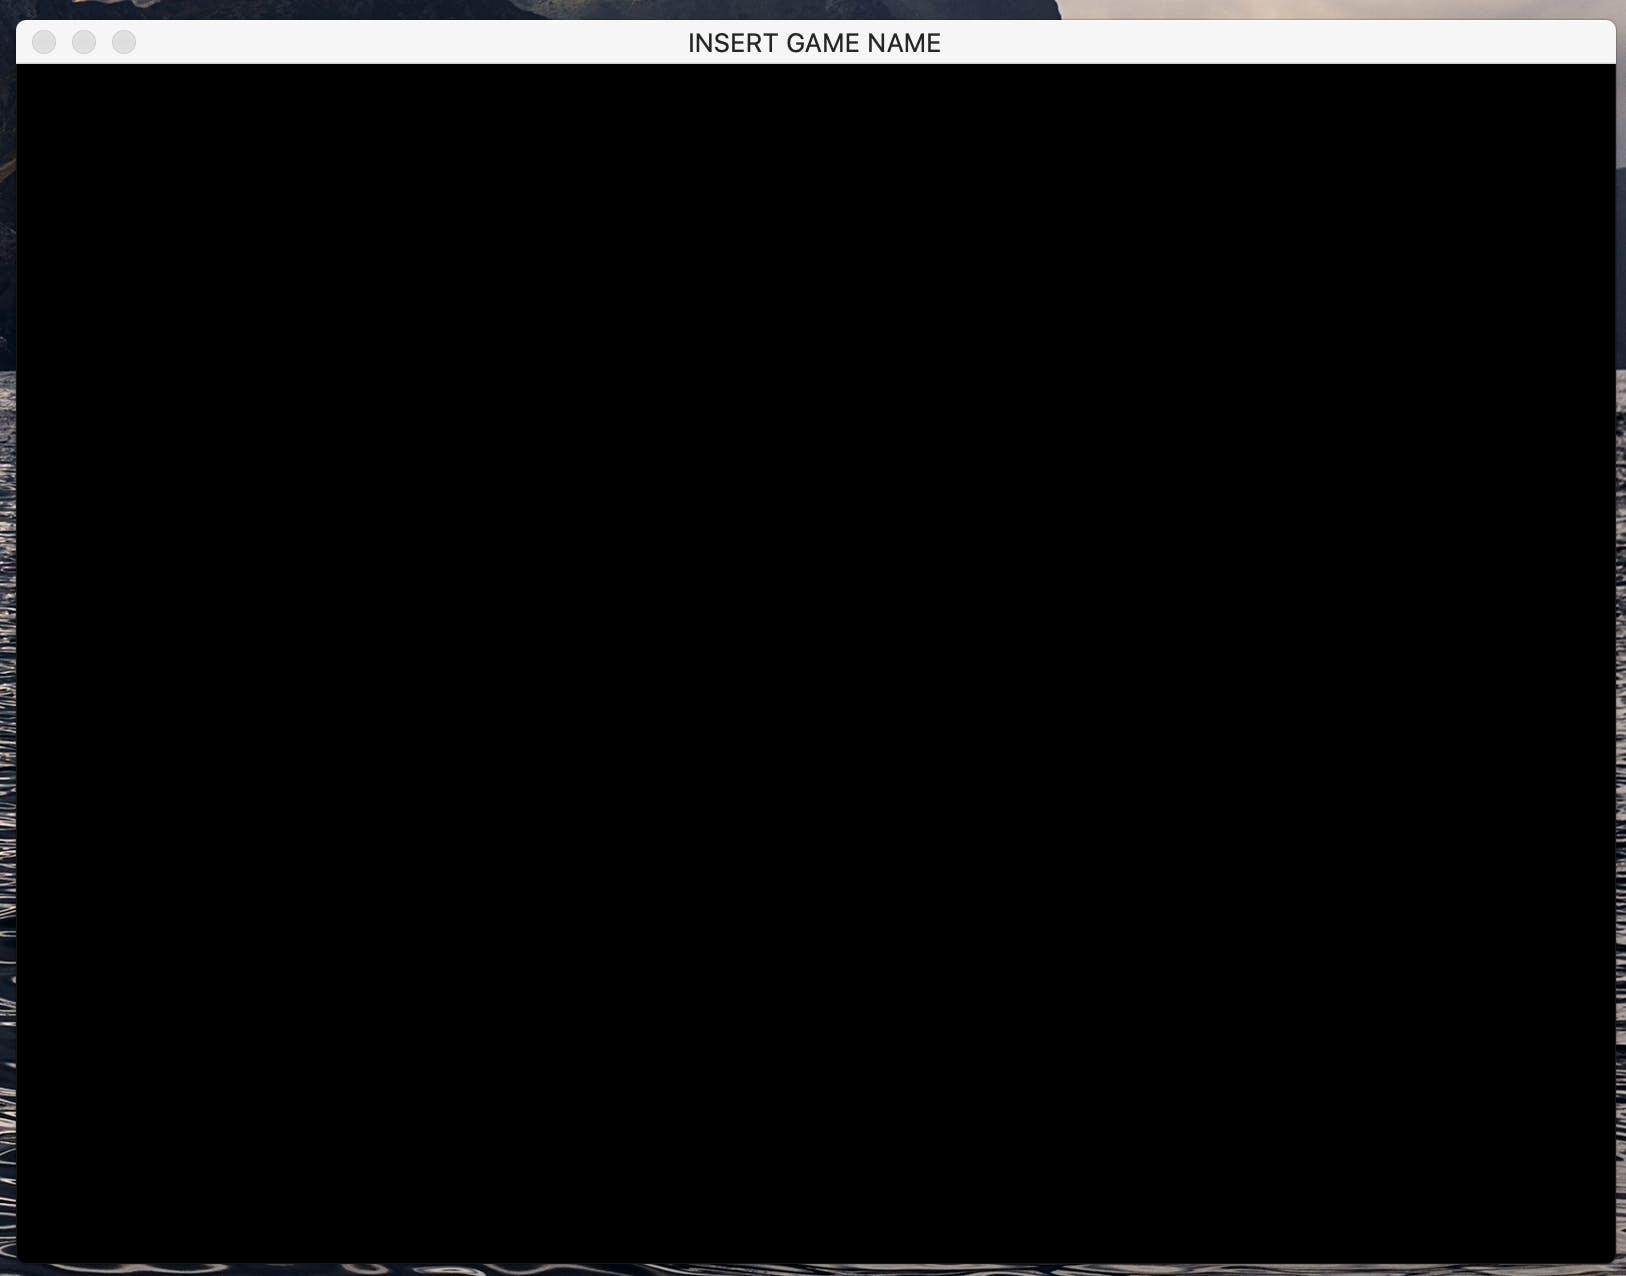 Screen Shot 2021-08-19 at 9.53.50 AM.png